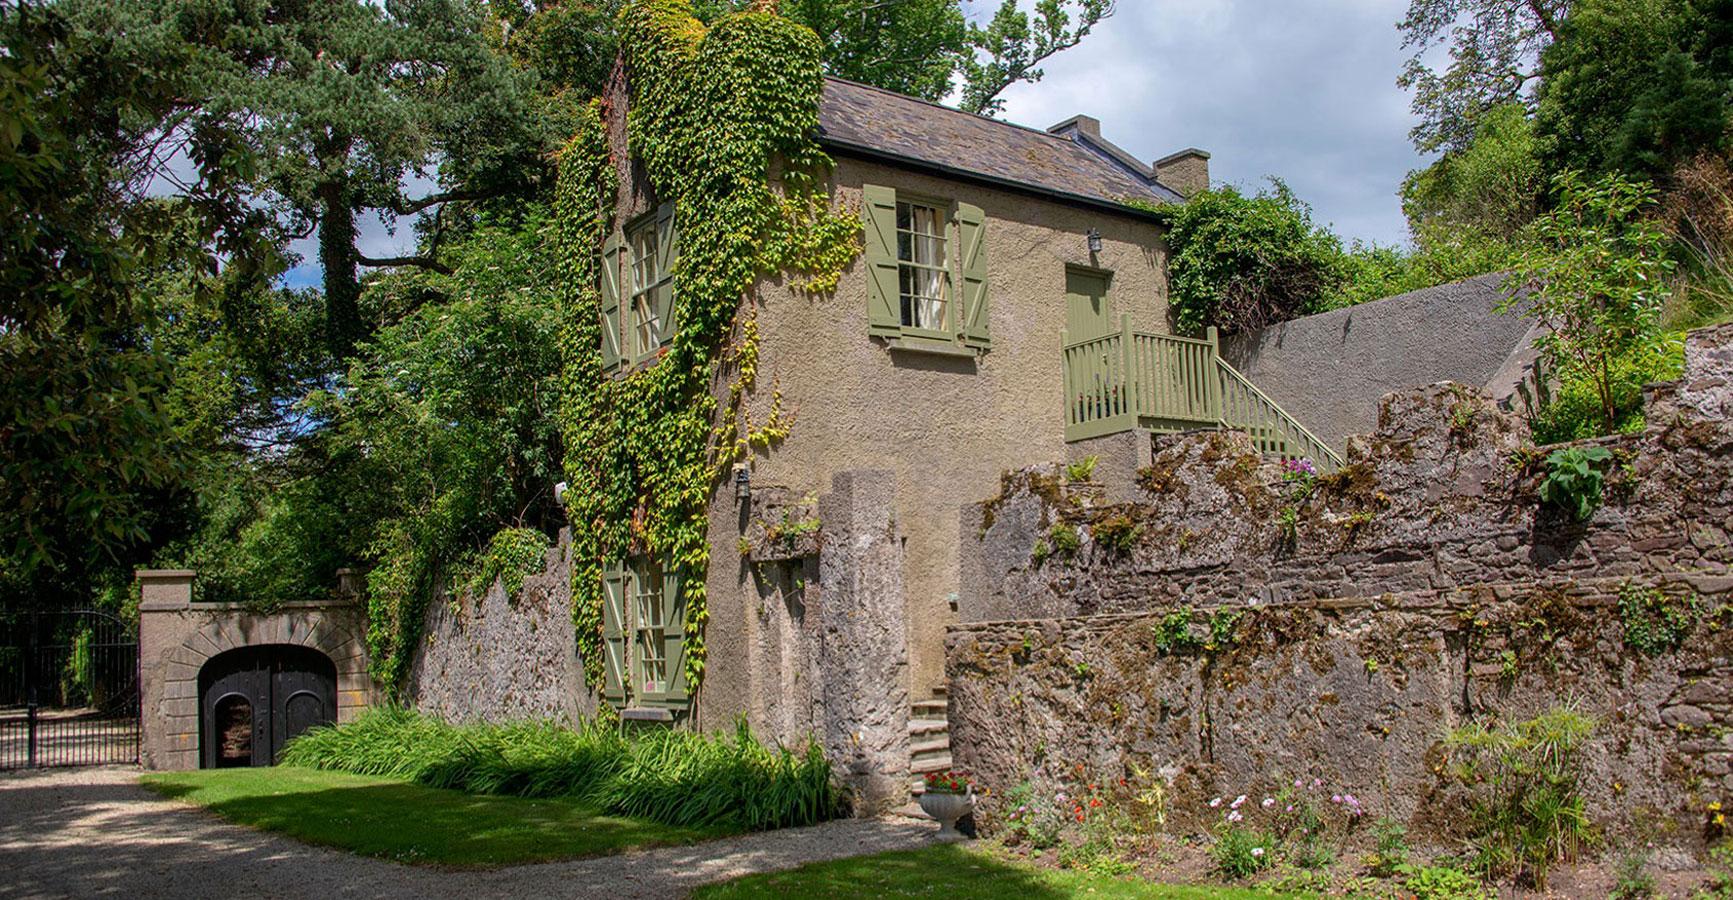 river cottage accommodation ireland